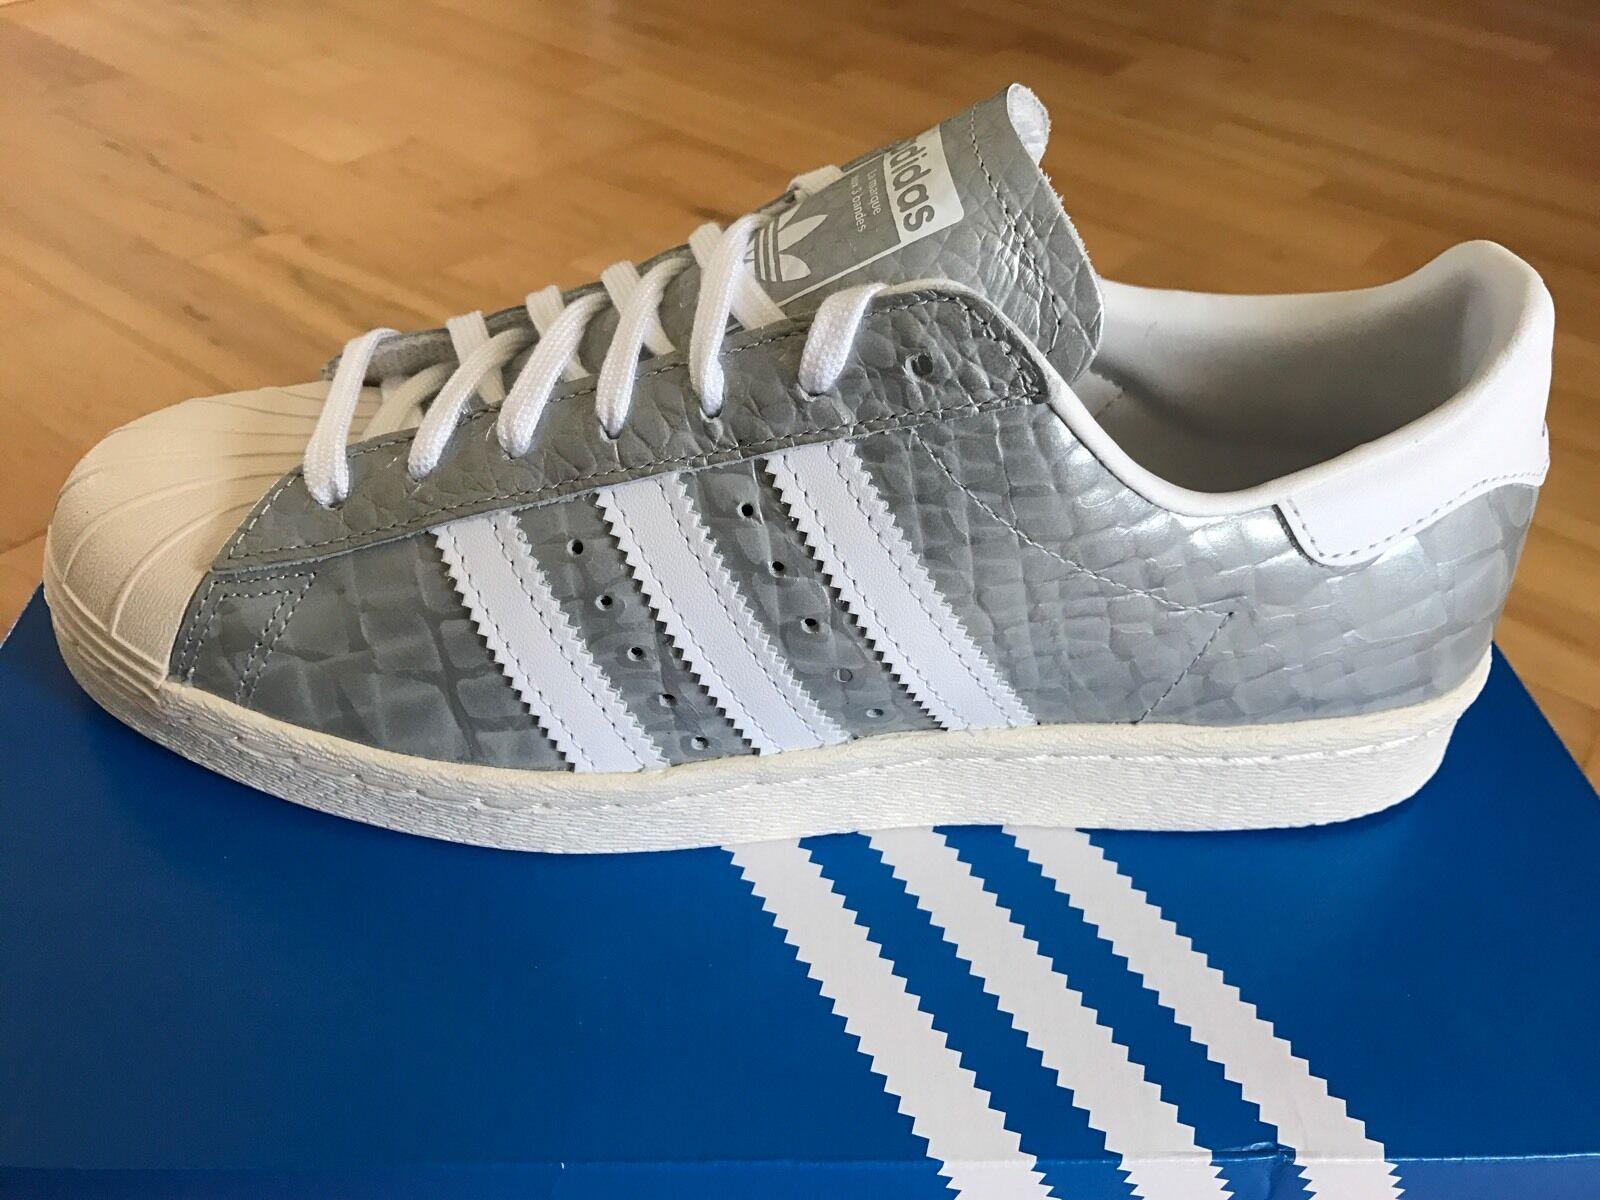 Adidas Superstar années 80 peau peau peau de serpent femme/Baskets homme, argent-Taille 6 975a2d